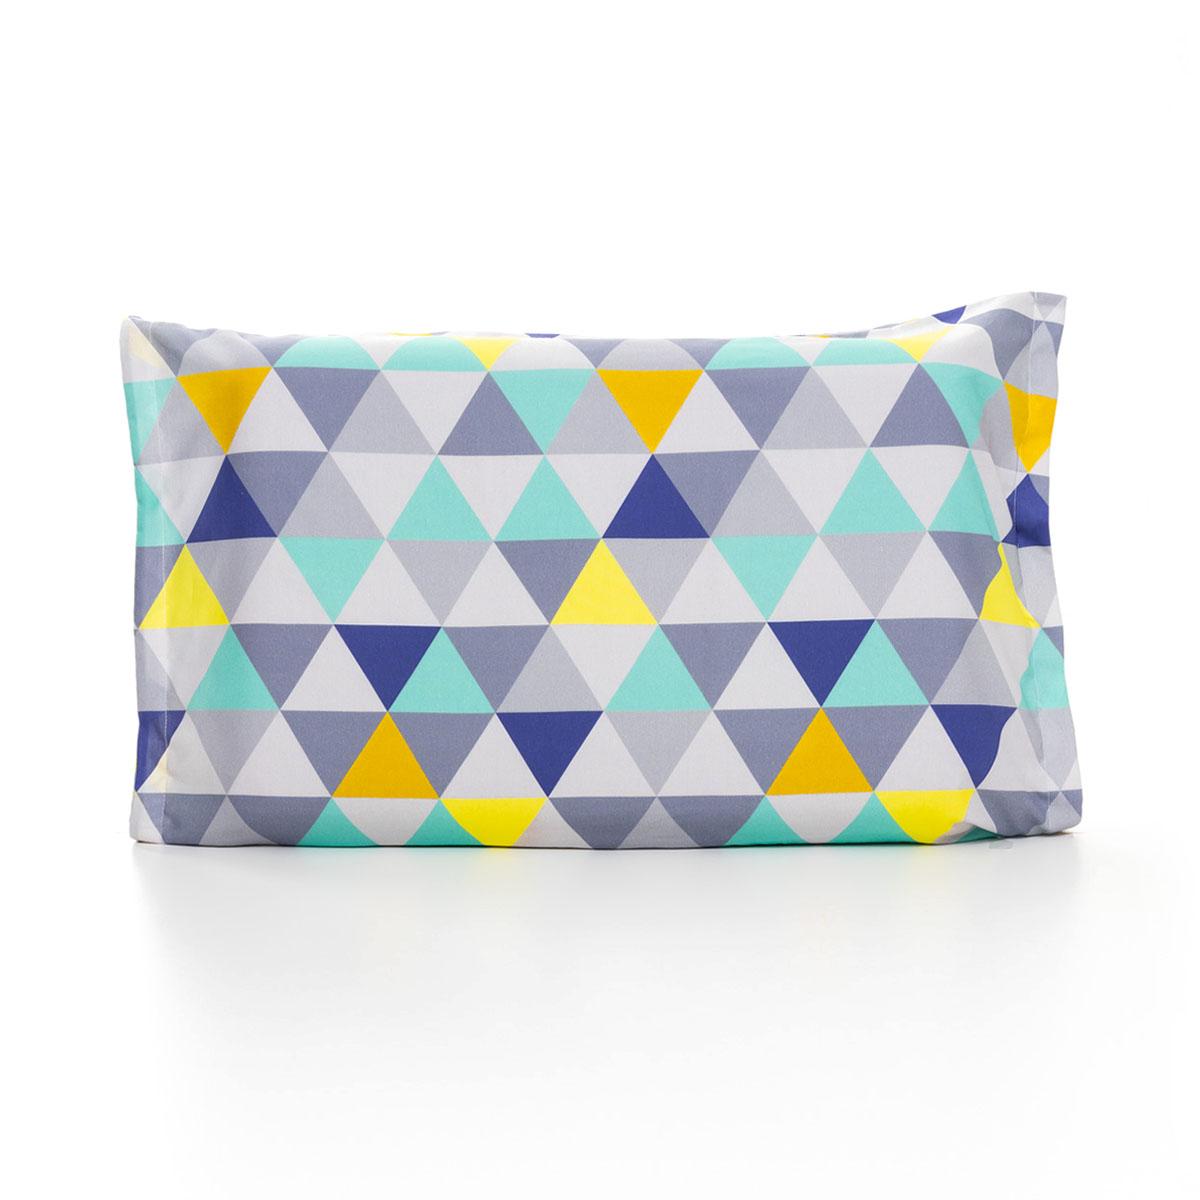 Fronha Triângulos Cinza, Azul, Turquesa E Amarelo